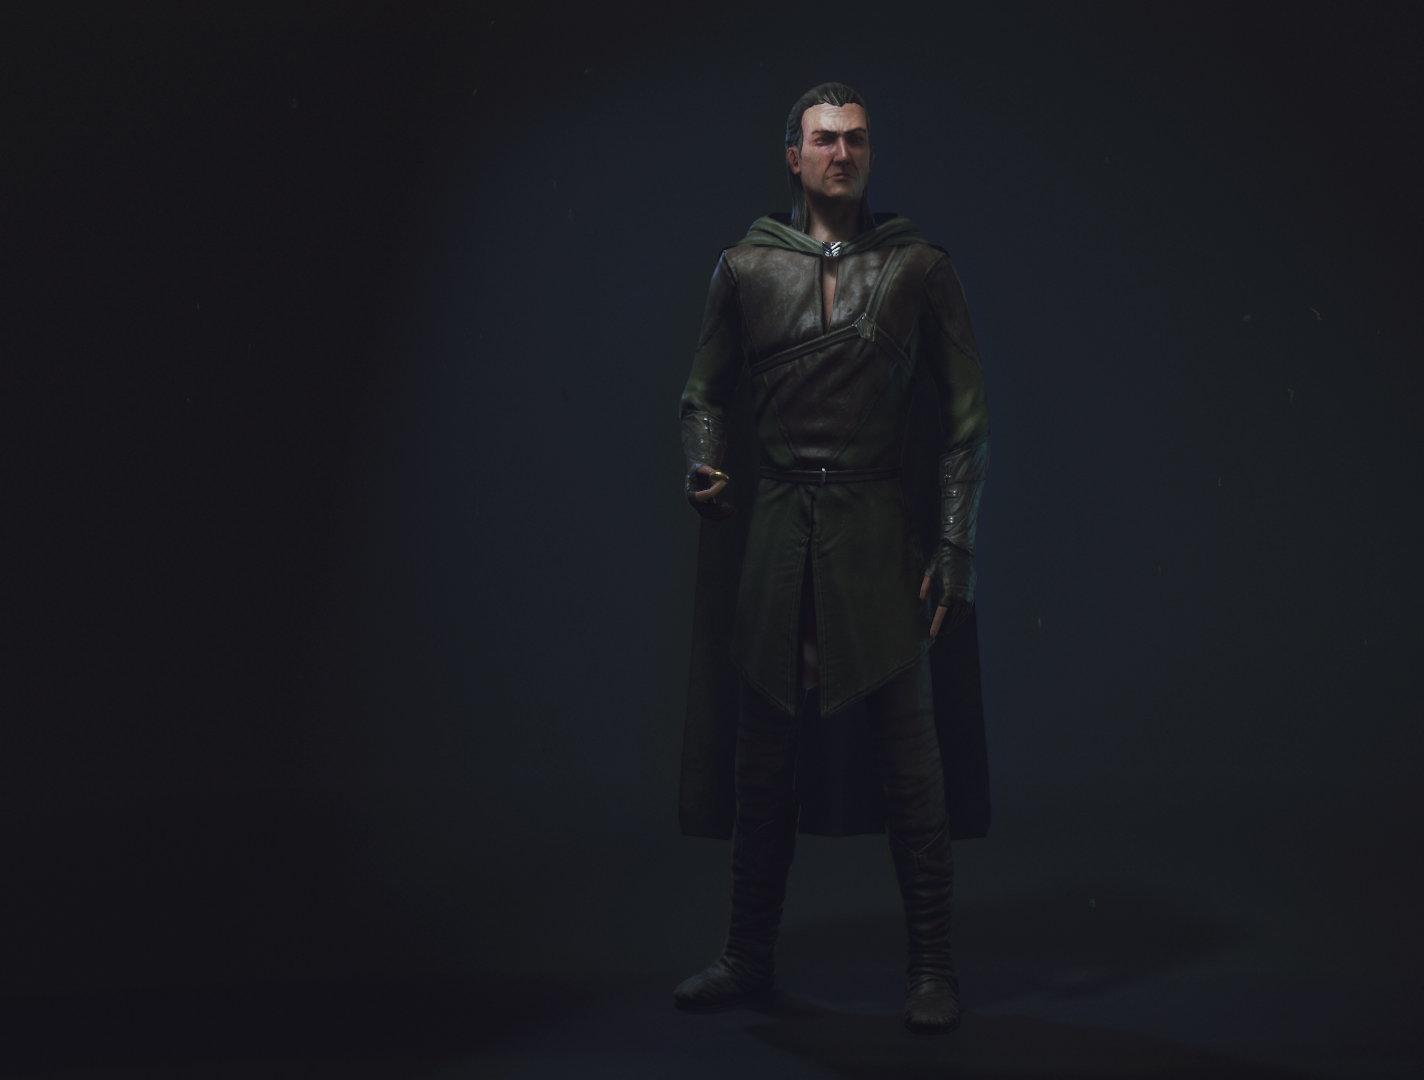 Alexei dmitriev final to as fog update